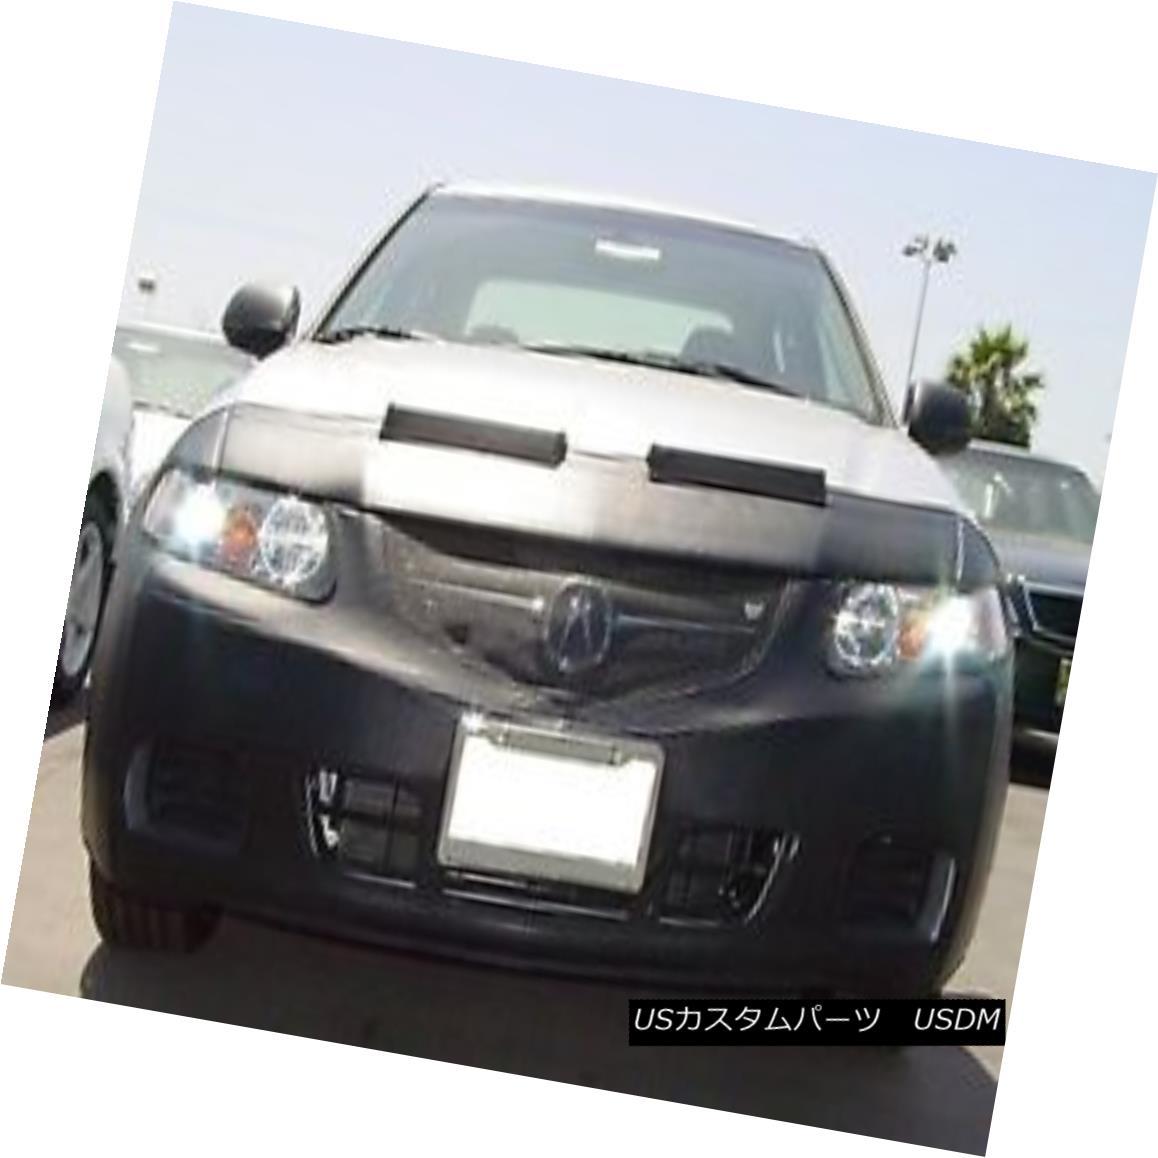 フルブラ ノーズブラ Colgan Front End Mask Bra 2pc. Fits Acura TSX 2004-2005 With License Plate コルガンフロントエンドマスクブラ2pc ライセンスプレート付きAcura TSX 2004-2005に適合